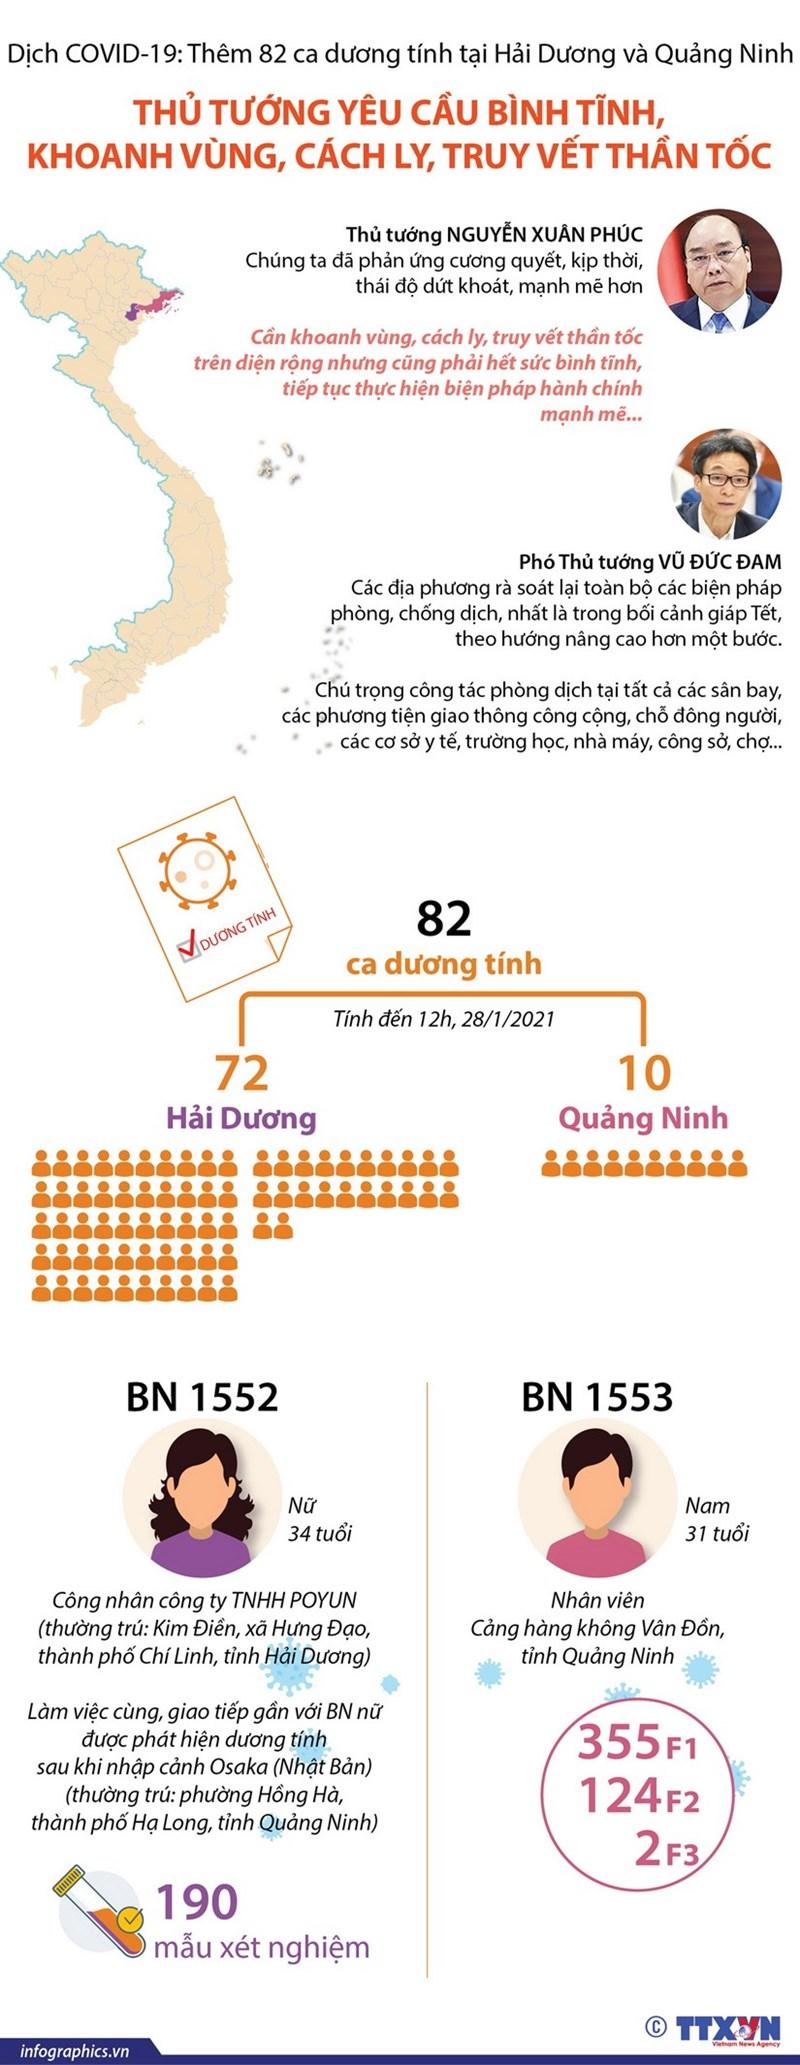 [Infographics] Thủ tướng yêu cầu bình tĩnh, khoanh vùng, cách ly, truy vết thần tốc - Ảnh 1